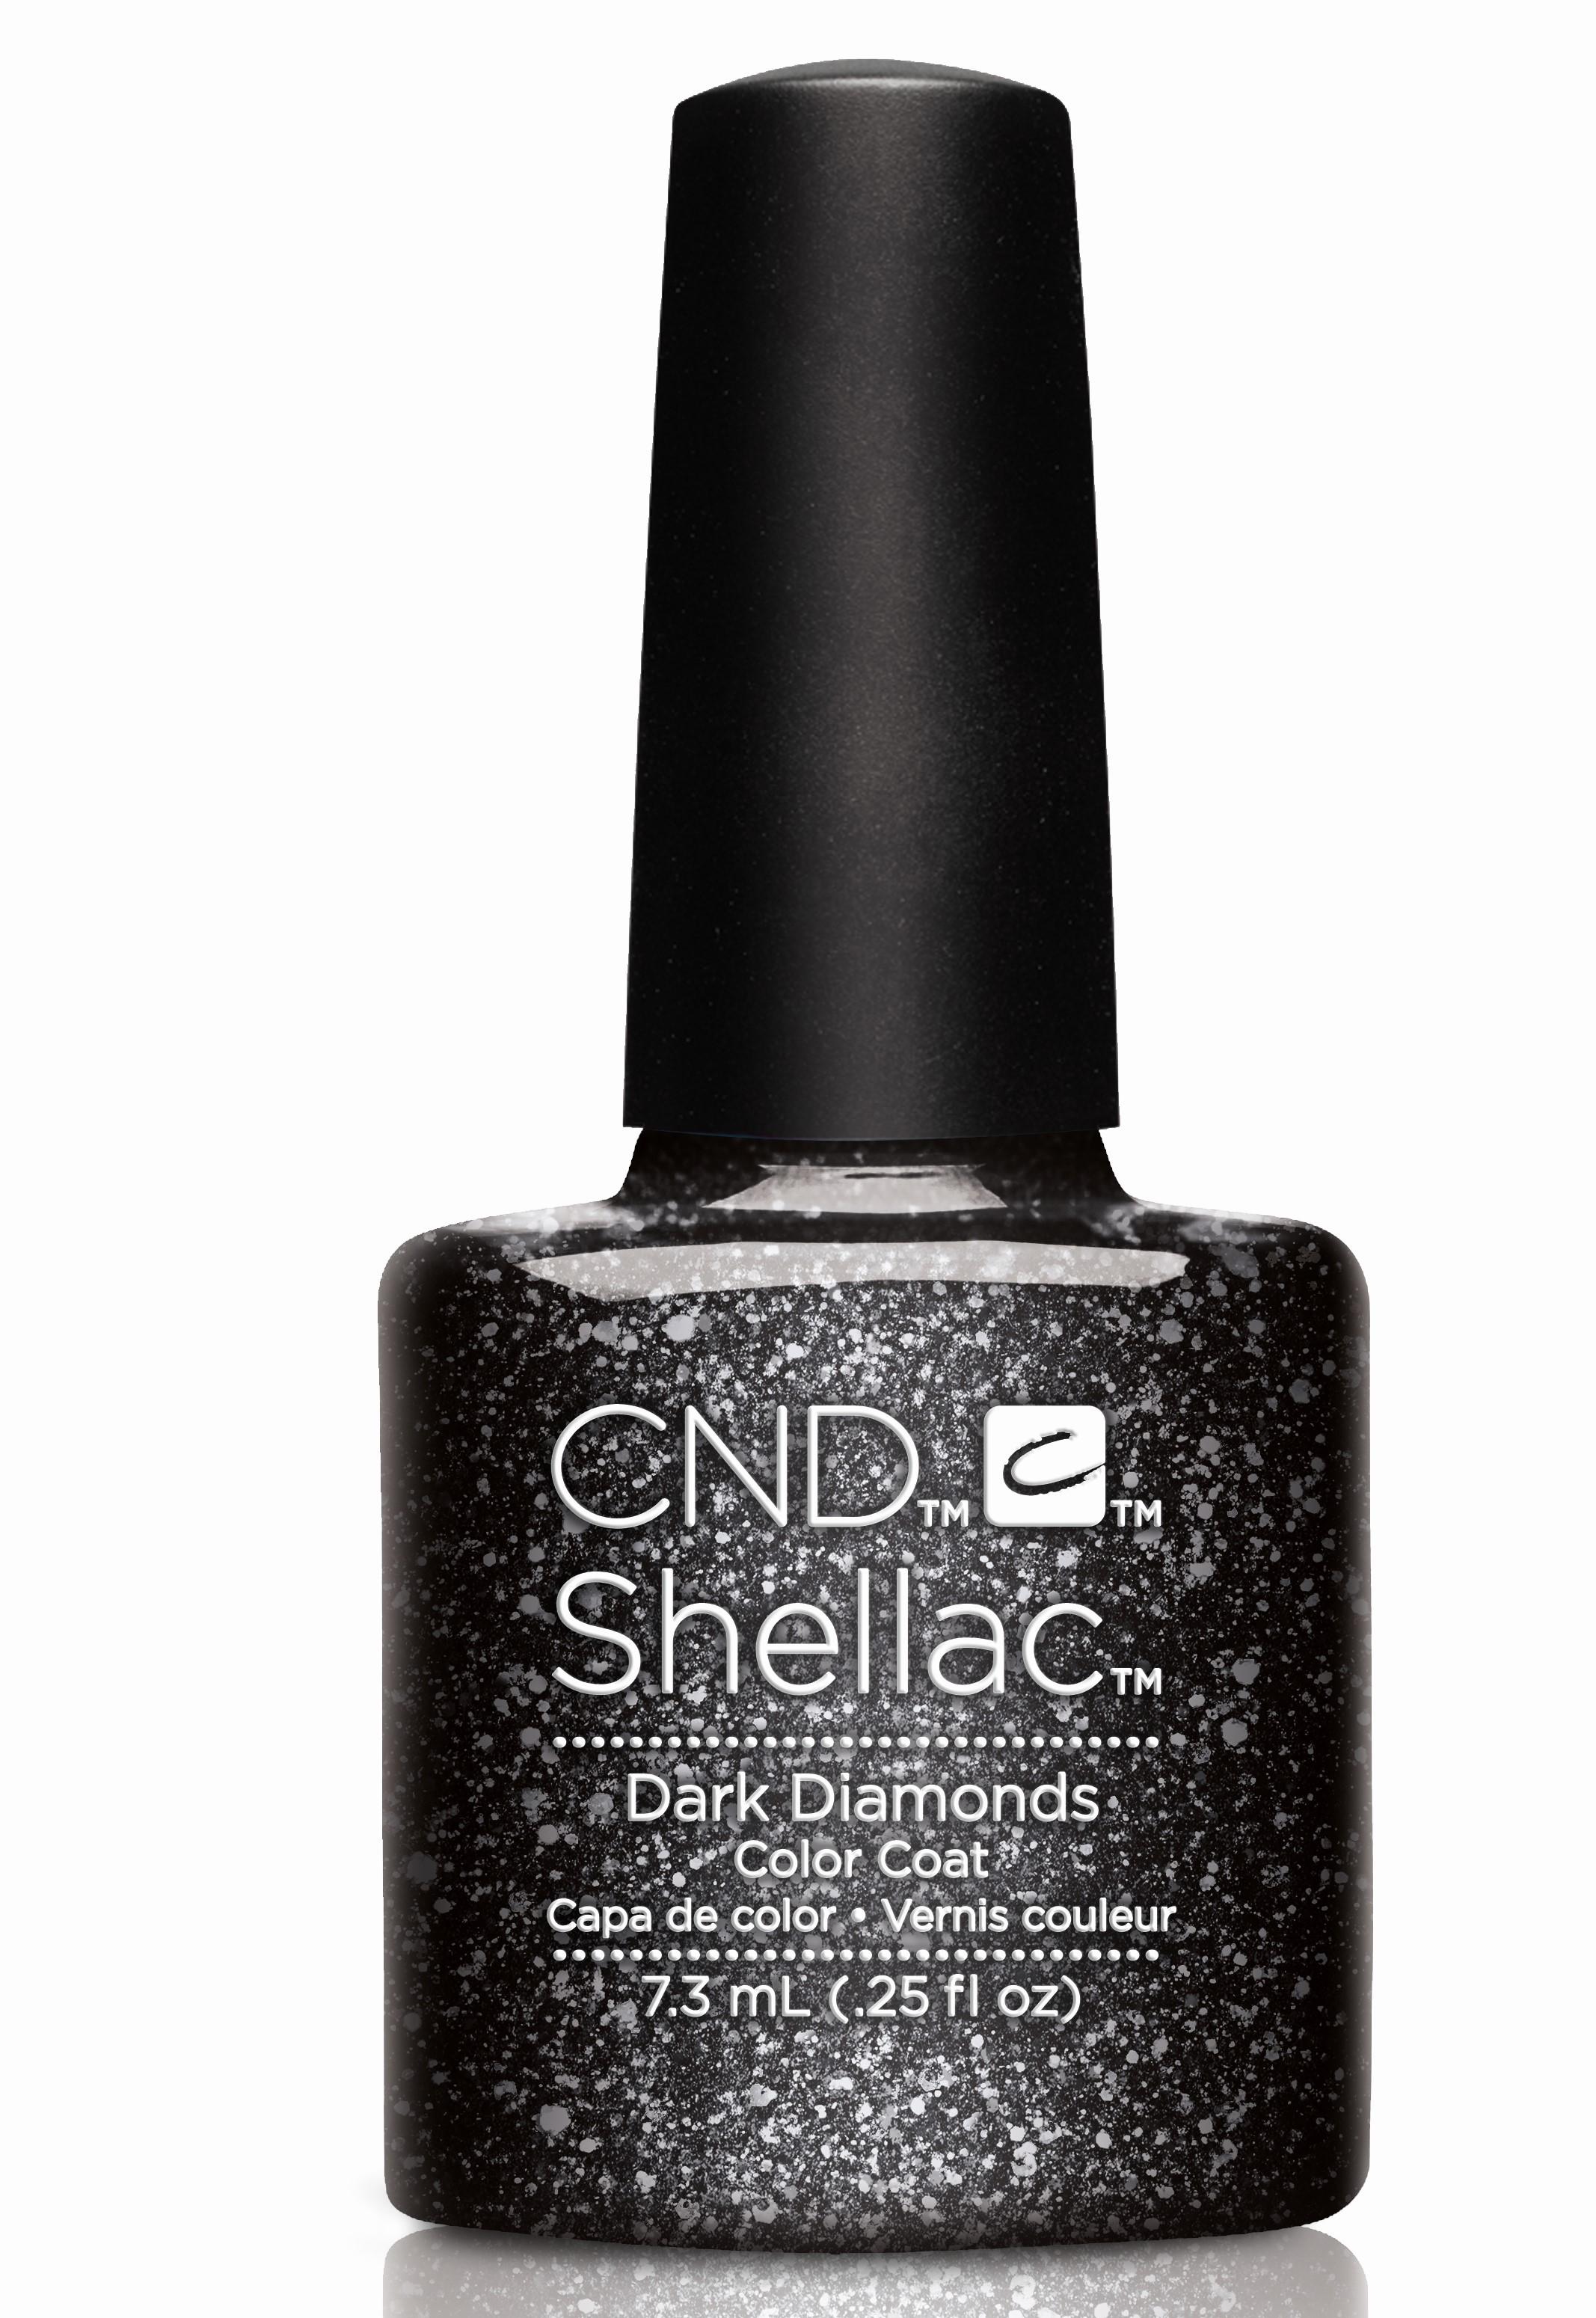 CND 91258 покрытие гелевое Dark Diamonds / SHELLAC Starsrtuck 7,3млГель-лаки<br>Цвет: черный с блестками. Shellac – первый гибрид лака и геля, сочетающий в себе самые лучшие свойства профессиональных лаков для ногтей (простота наложения, яркий блеск, богатство цвета) и современных моделирующих гелей (отсутствие запаха, носибельность, нестираемость). Носится как гель, выглядит как лак, снимается за считанные минуты, укрепляет и защищает ногти, гипоаллергенный, создан по формуле 3 FREE, не содержит дибутилфталата, толуола, формальдегида и его смол – все это Shellac! Преимущества: 14 дней – время носки маникюра 2 минуты – время высыхания покрытия Зеркальный блеск и идеальная гладкость маникюра Не скалывается, не смазывается, не трескается Каждое покрытие представлено в непрозрачном флаконе, цвет которого абсолютно идентичен оттенку самого продукта. Флакон не скользит в руке, что делает процедуру невероятно легкой и приятной, а удобная кисточка позволяет нанести средство идеально ровно.<br><br>Цвет: Черные<br>Пол: Женский<br>Класс косметики: Универсальная<br>Виды лака: С блестками